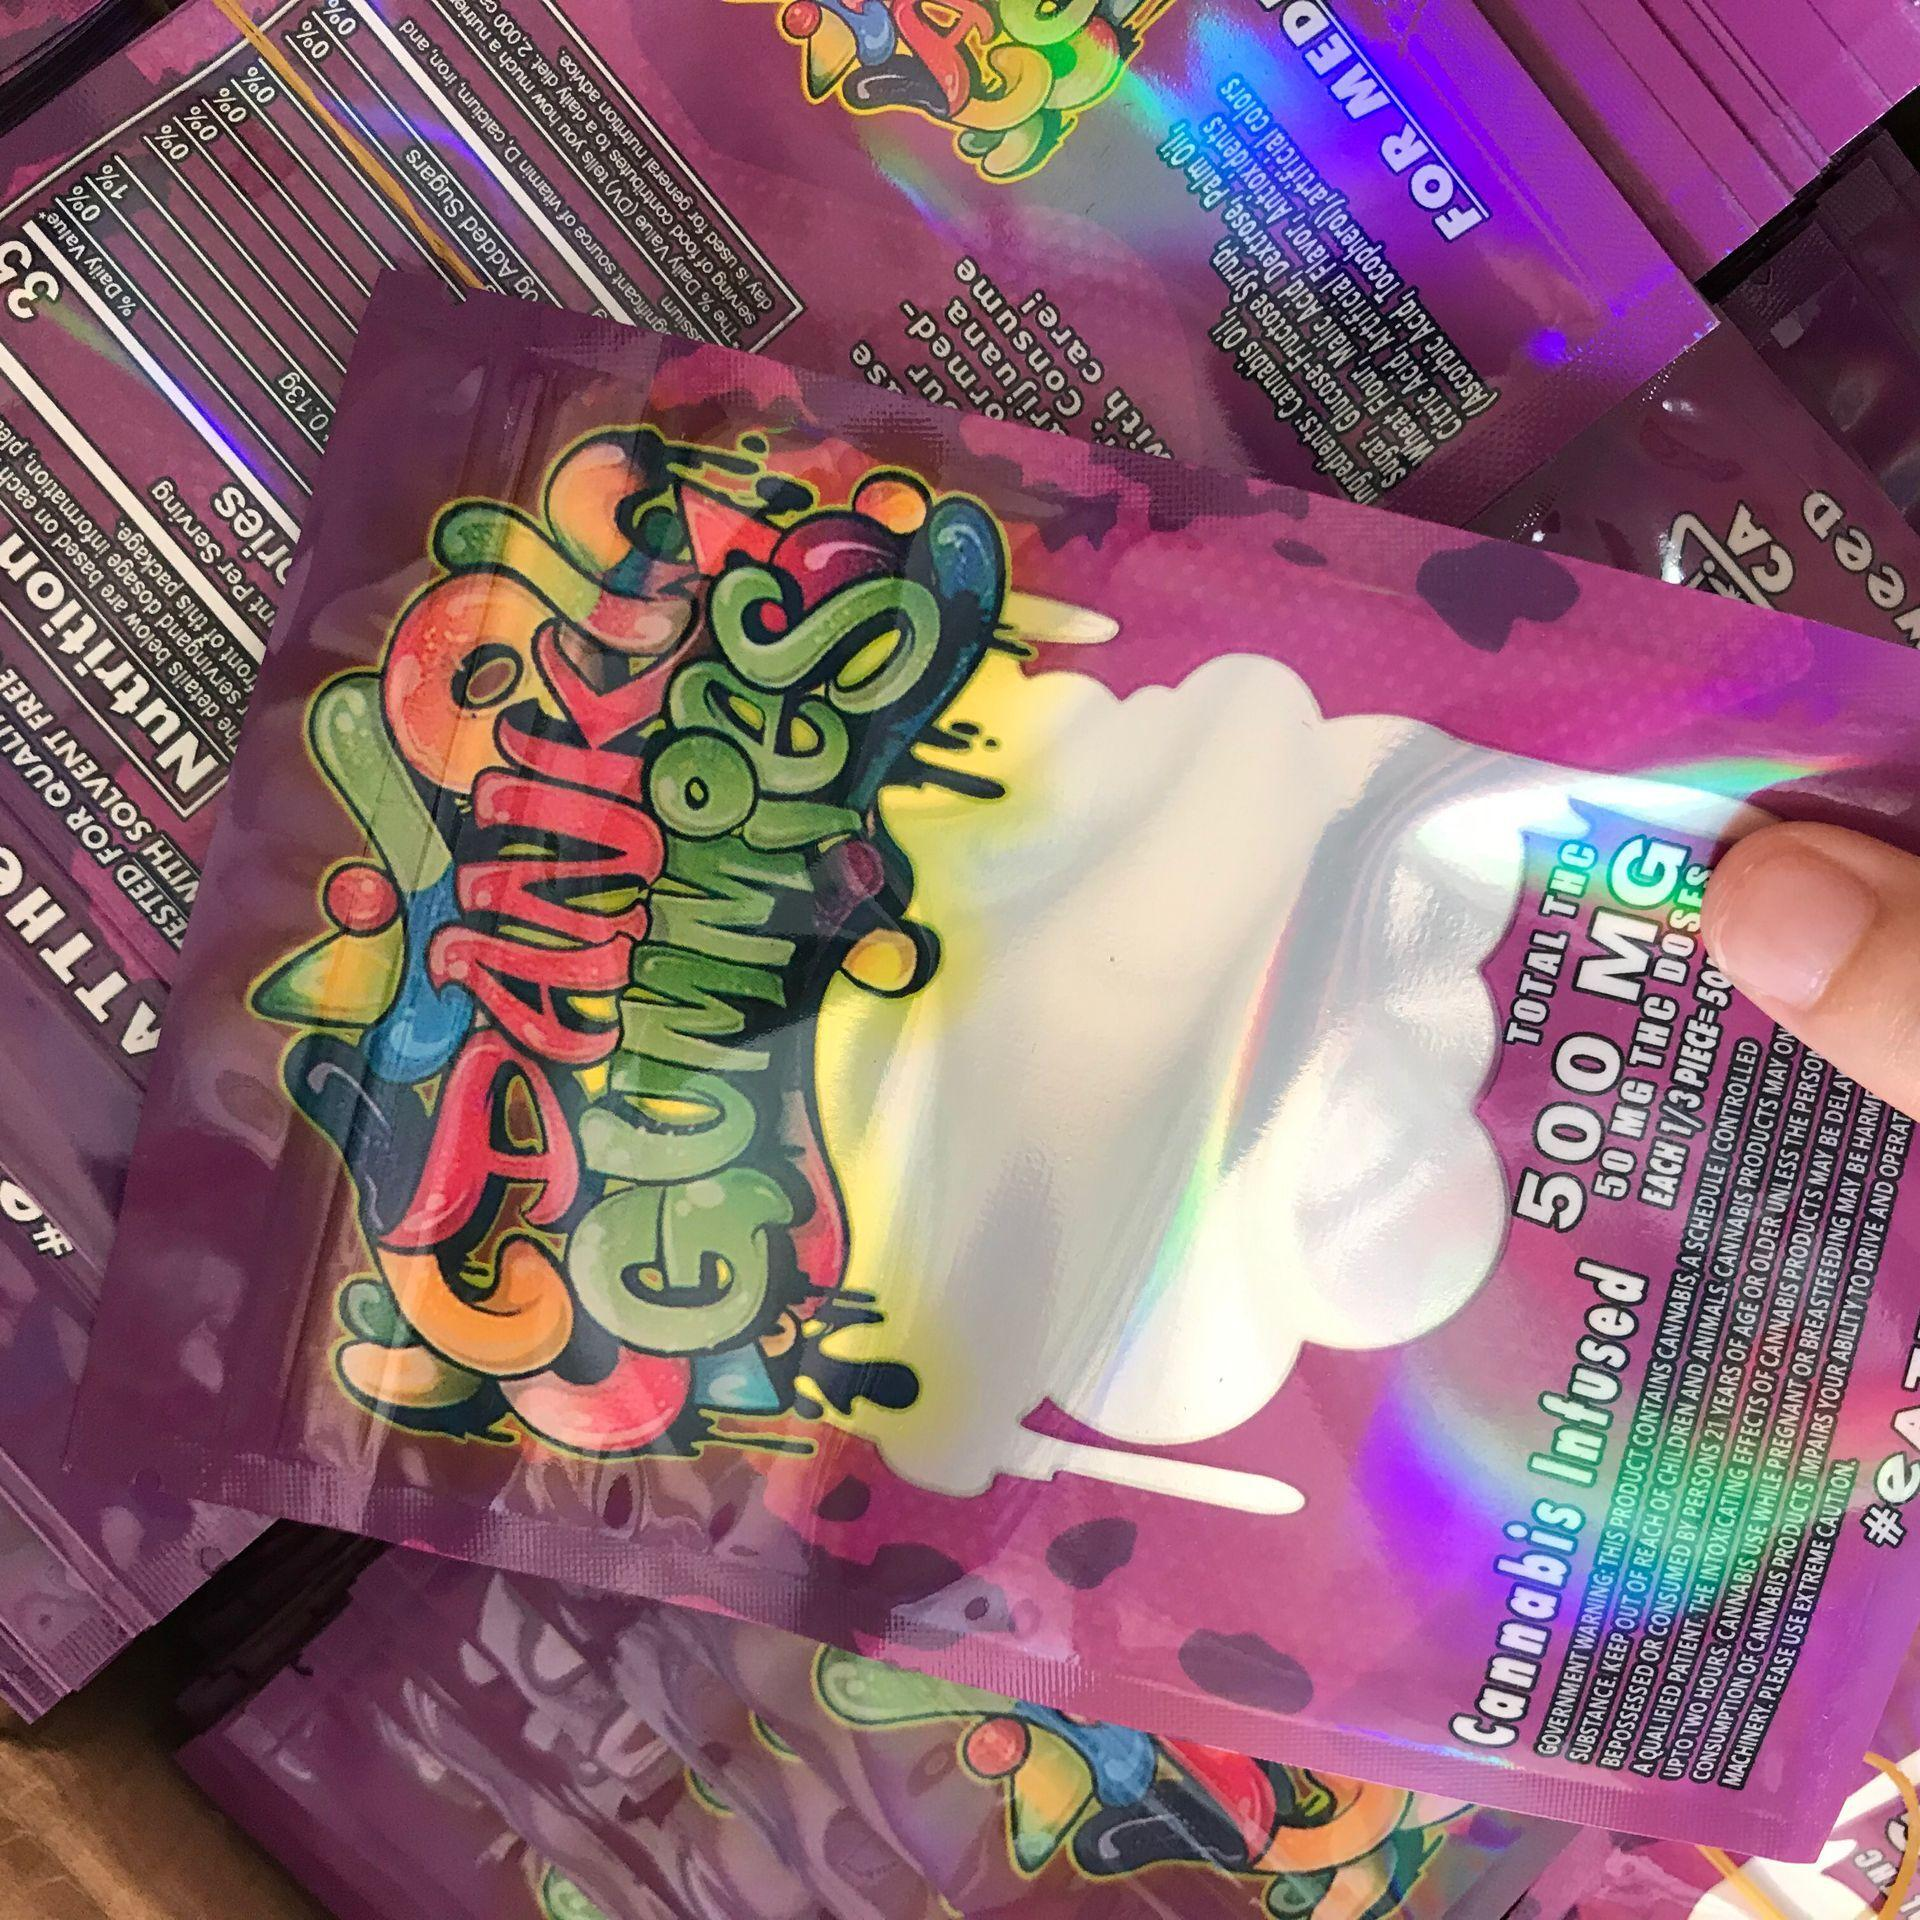 Yeni 8U Hologram Dank Gummies Çanta 500 mg 500 mg Dank Gummies Gummy Mylar Çanta Yerler Ambalaj Sakızlı Çanta